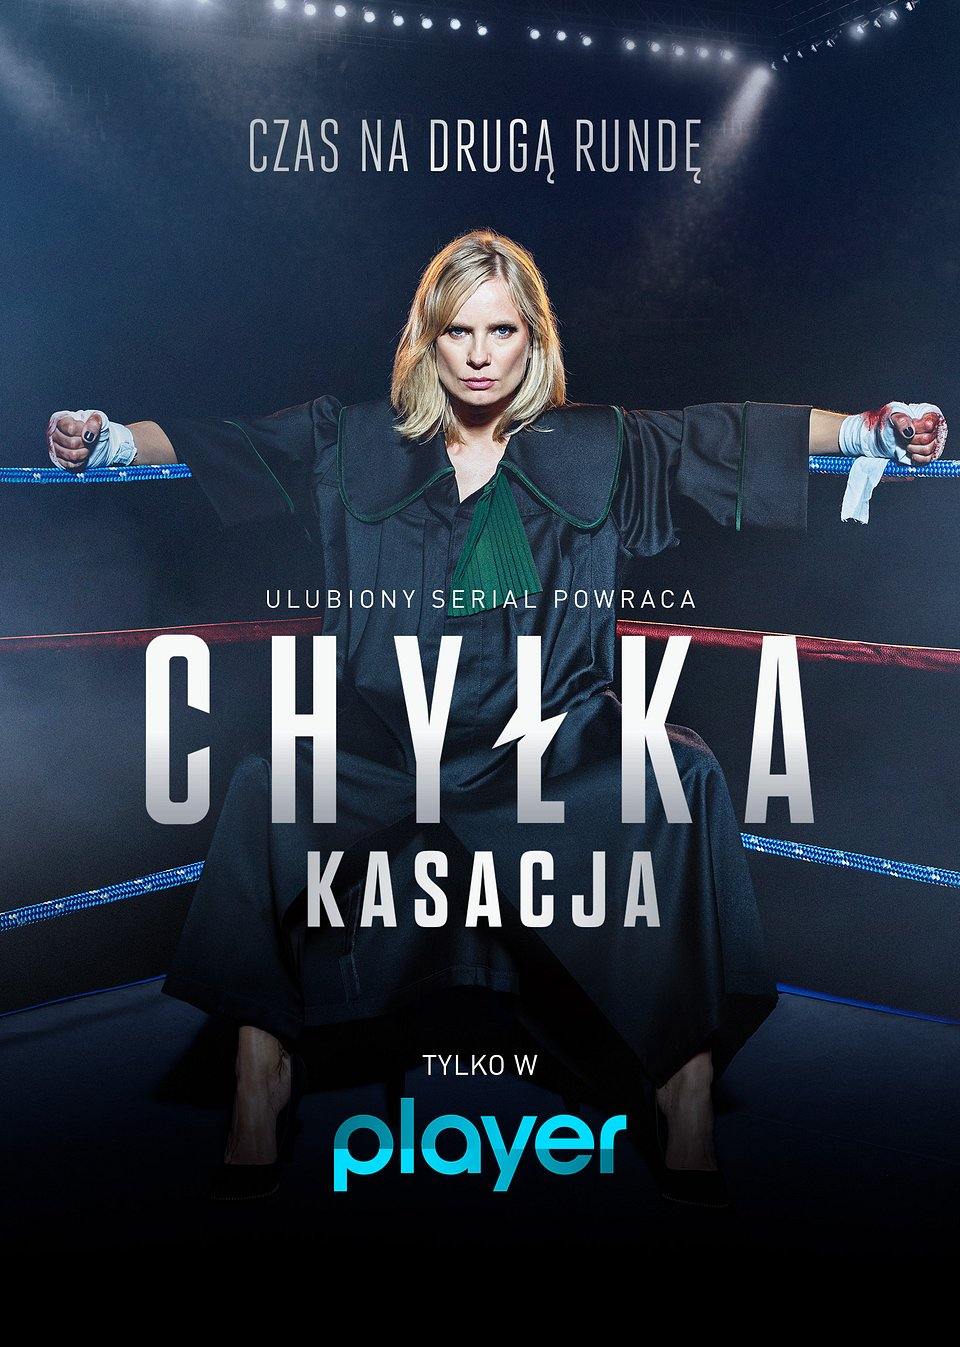 Chyłka Kasacja na TVN Player - plakat